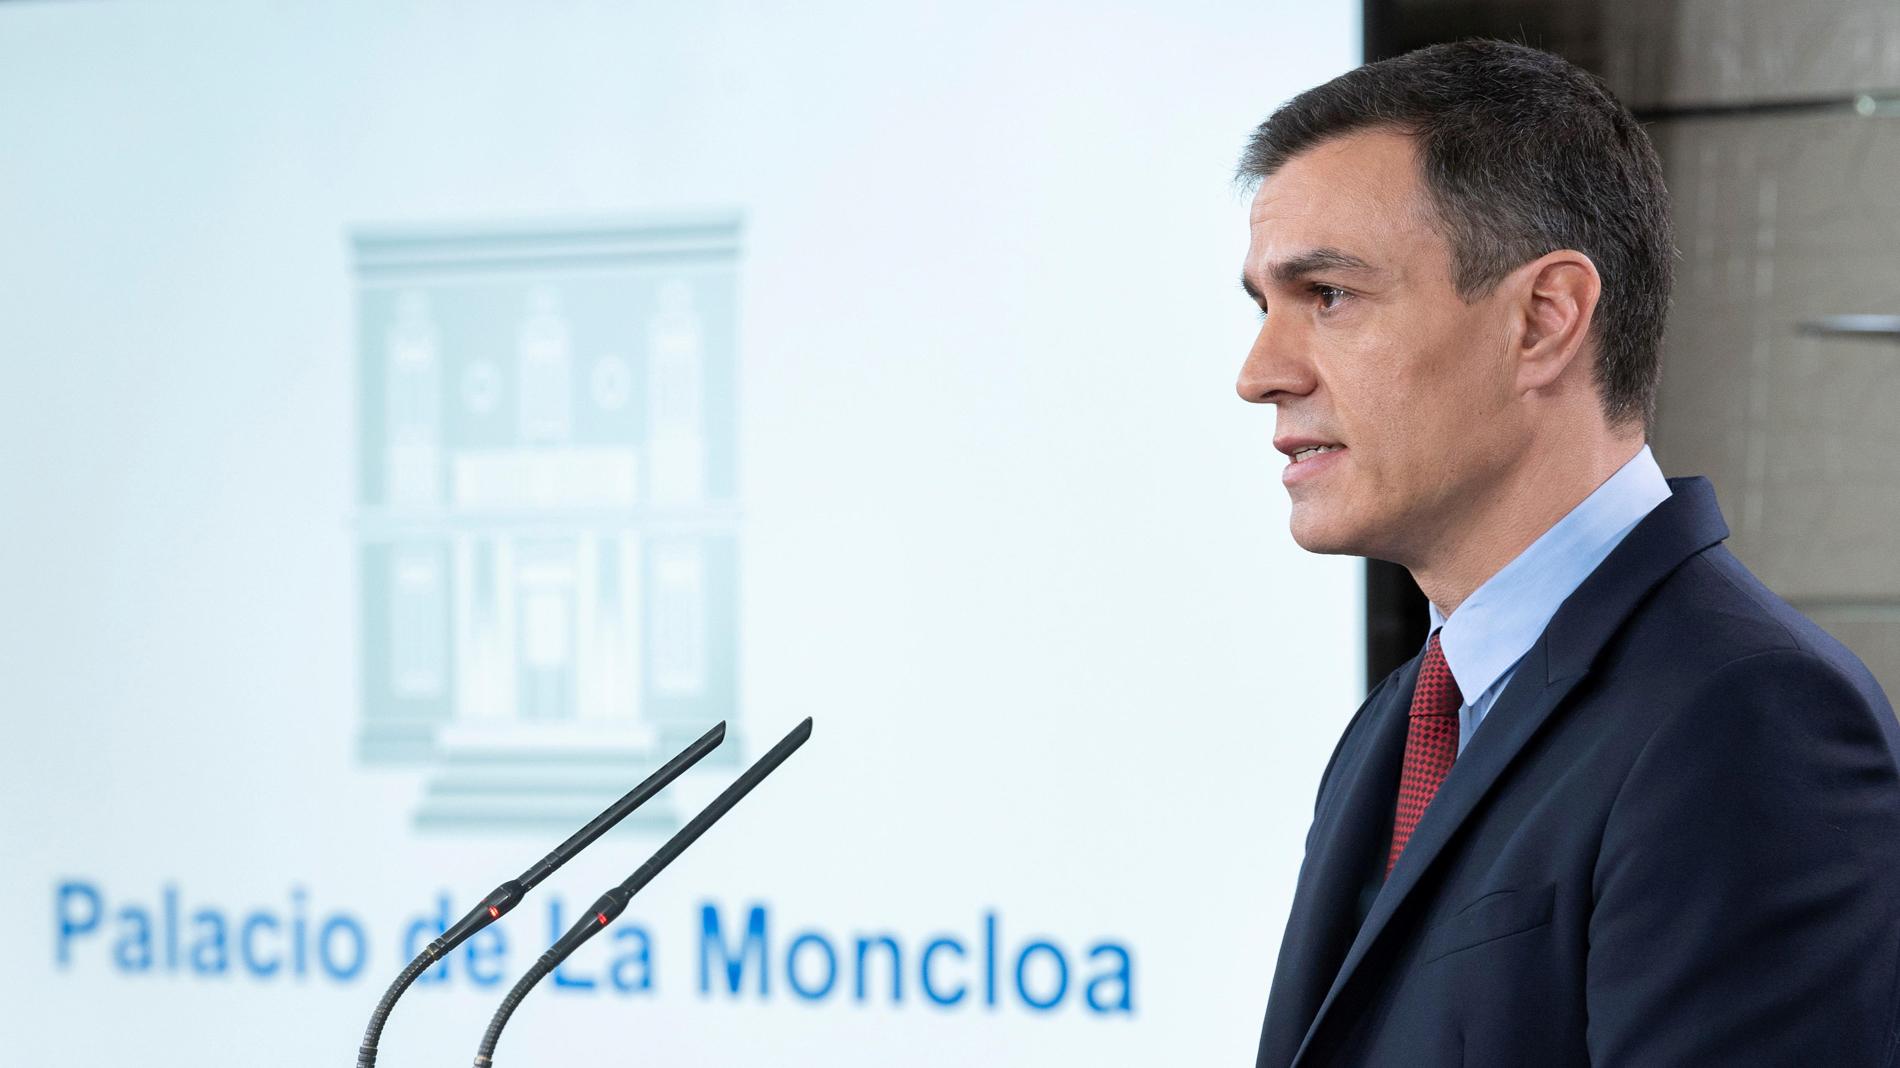 Las medidas anunciadas por Pedro Sánchez